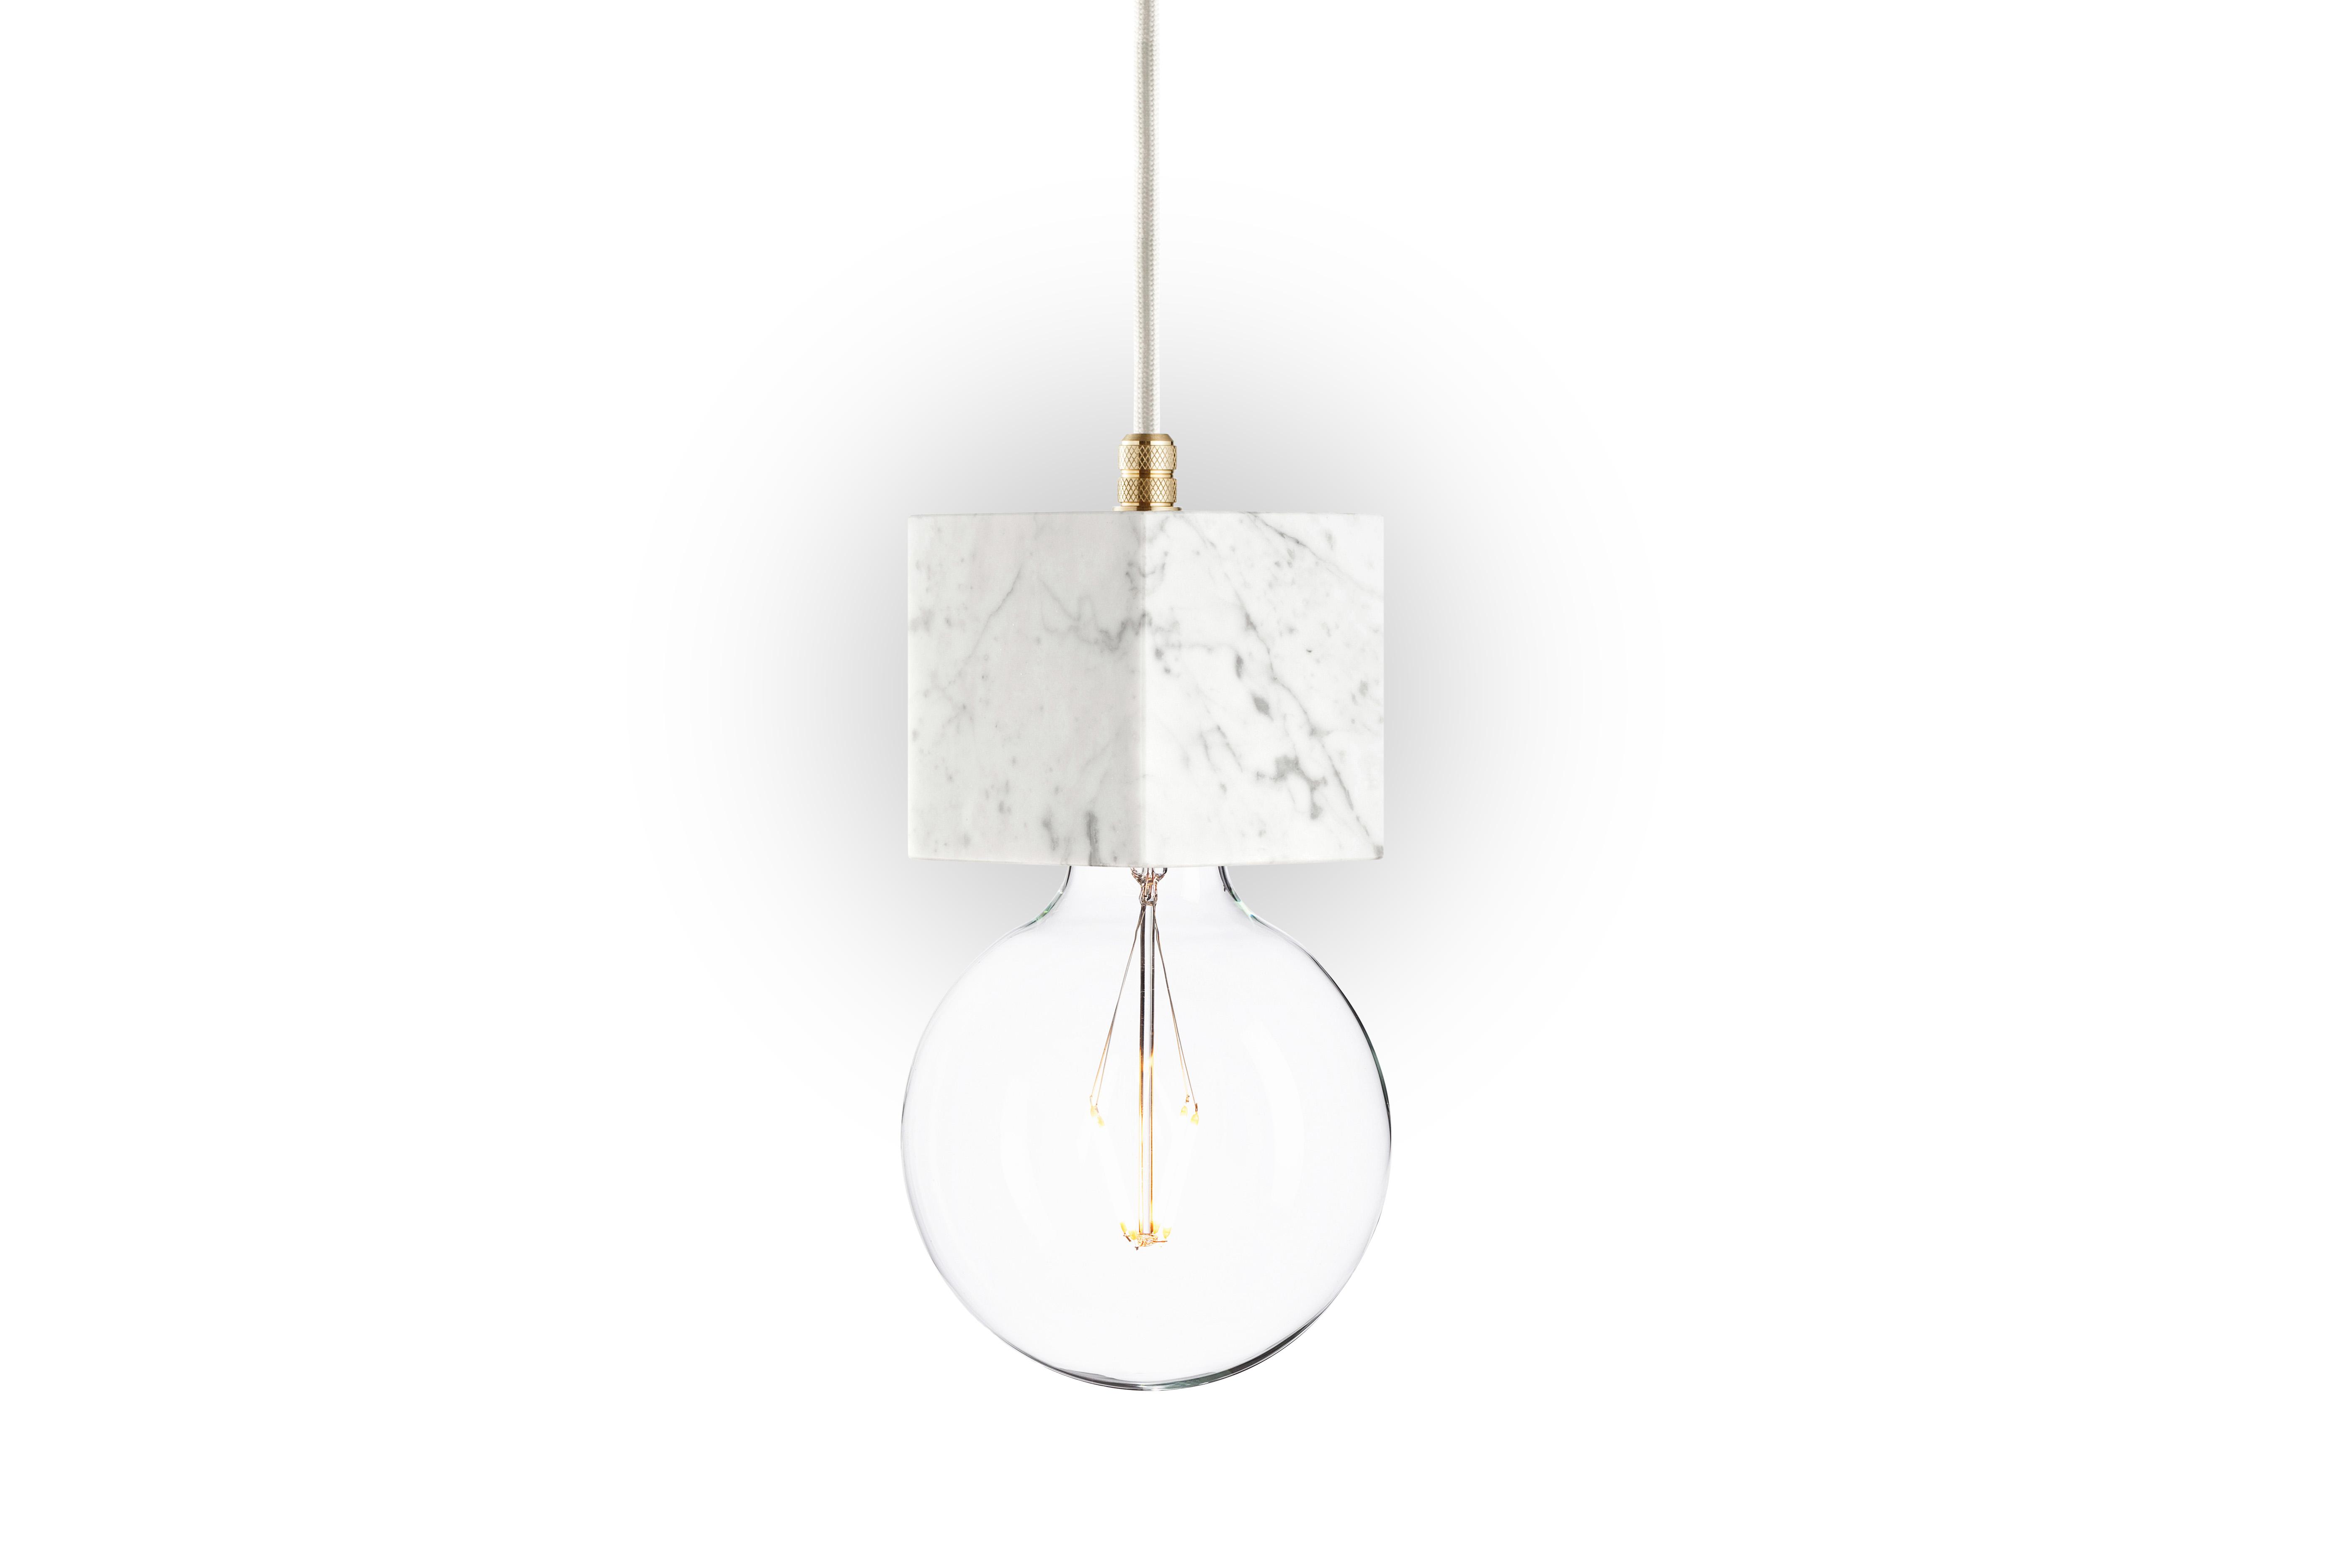 Подвесной светильник Marmor VeldiПодвесные светильники<br>Белый цвет ? утонченность в ее чистом виде. Белый мрамор&amp;amp;nbsp;?&amp;amp;nbsp;утонченность, возведенная в квадрат. Великолепный натуральный материал дарит облику подвесного светильника&amp;amp;nbsp;&amp;quot;Marmor Veldi&amp;quot; элегантность. В комбинации со строгим силуэтом конструкции он выглядит роскошно и строго одновременно. Такой дизайн делает светильник идеально подходящим для интерьеров в стиле лофт.&amp;lt;div&amp;gt;&amp;lt;br&amp;gt;&amp;lt;/div&amp;gt;&amp;lt;div&amp;gt;Лампочка приобретается отдельно. Цоколь Е27, максимальная мощность лампочки - 60W, длина шнура - 3 м. &amp;amp;nbsp;&amp;amp;nbsp;&amp;lt;/div&amp;gt;&amp;lt;div&amp;gt;Материал: корпус - мрамор Bianco Carrara, фурнитура - латунь, сталь, патрон - пластик, кабель в оплетке. &amp;amp;nbsp;<br>Под заказ. Срок изготовления 3 недели.&amp;amp;nbsp;&amp;lt;/div&amp;gt;<br><br>Material: Мрамор<br>Высота см: 10